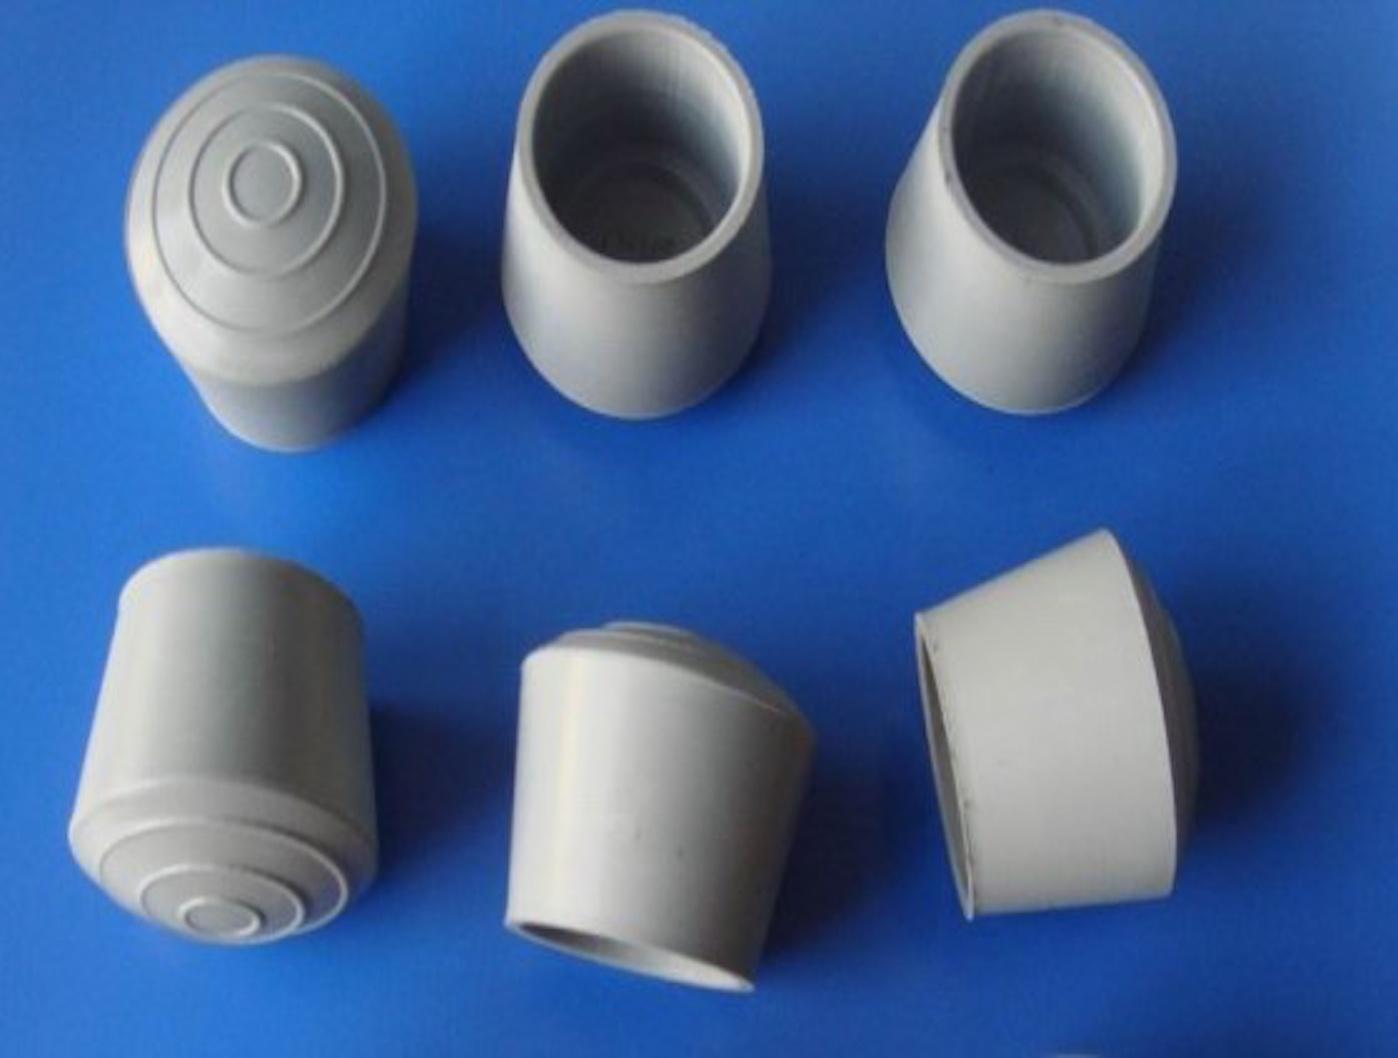 rubber podotheca